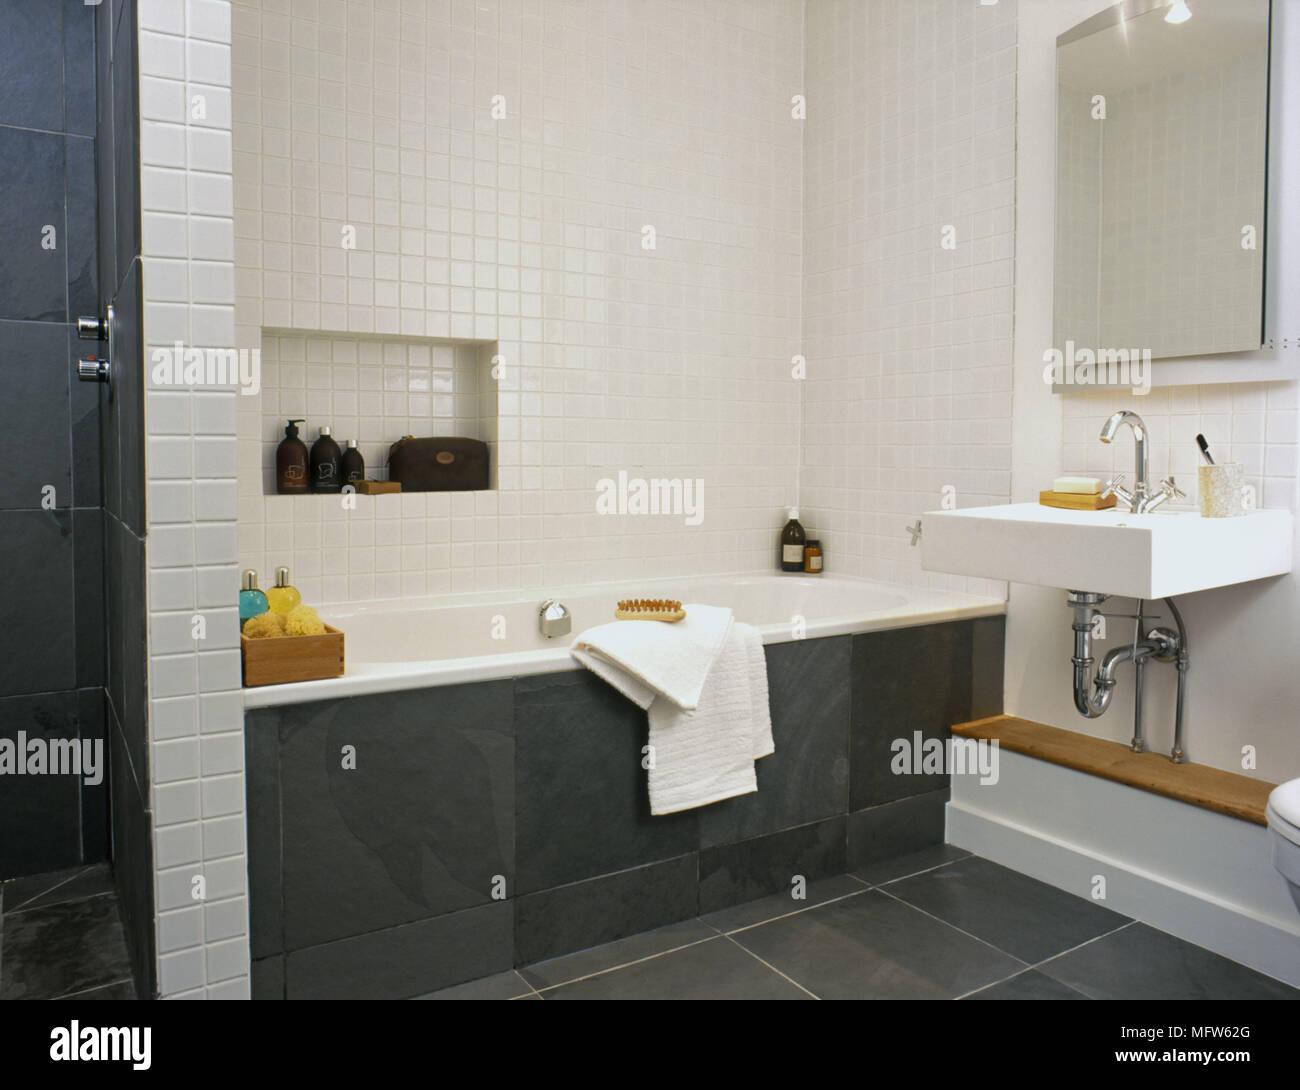 Detalles de un pequeño cuarto de baño moderno con azulejos blancos y ...